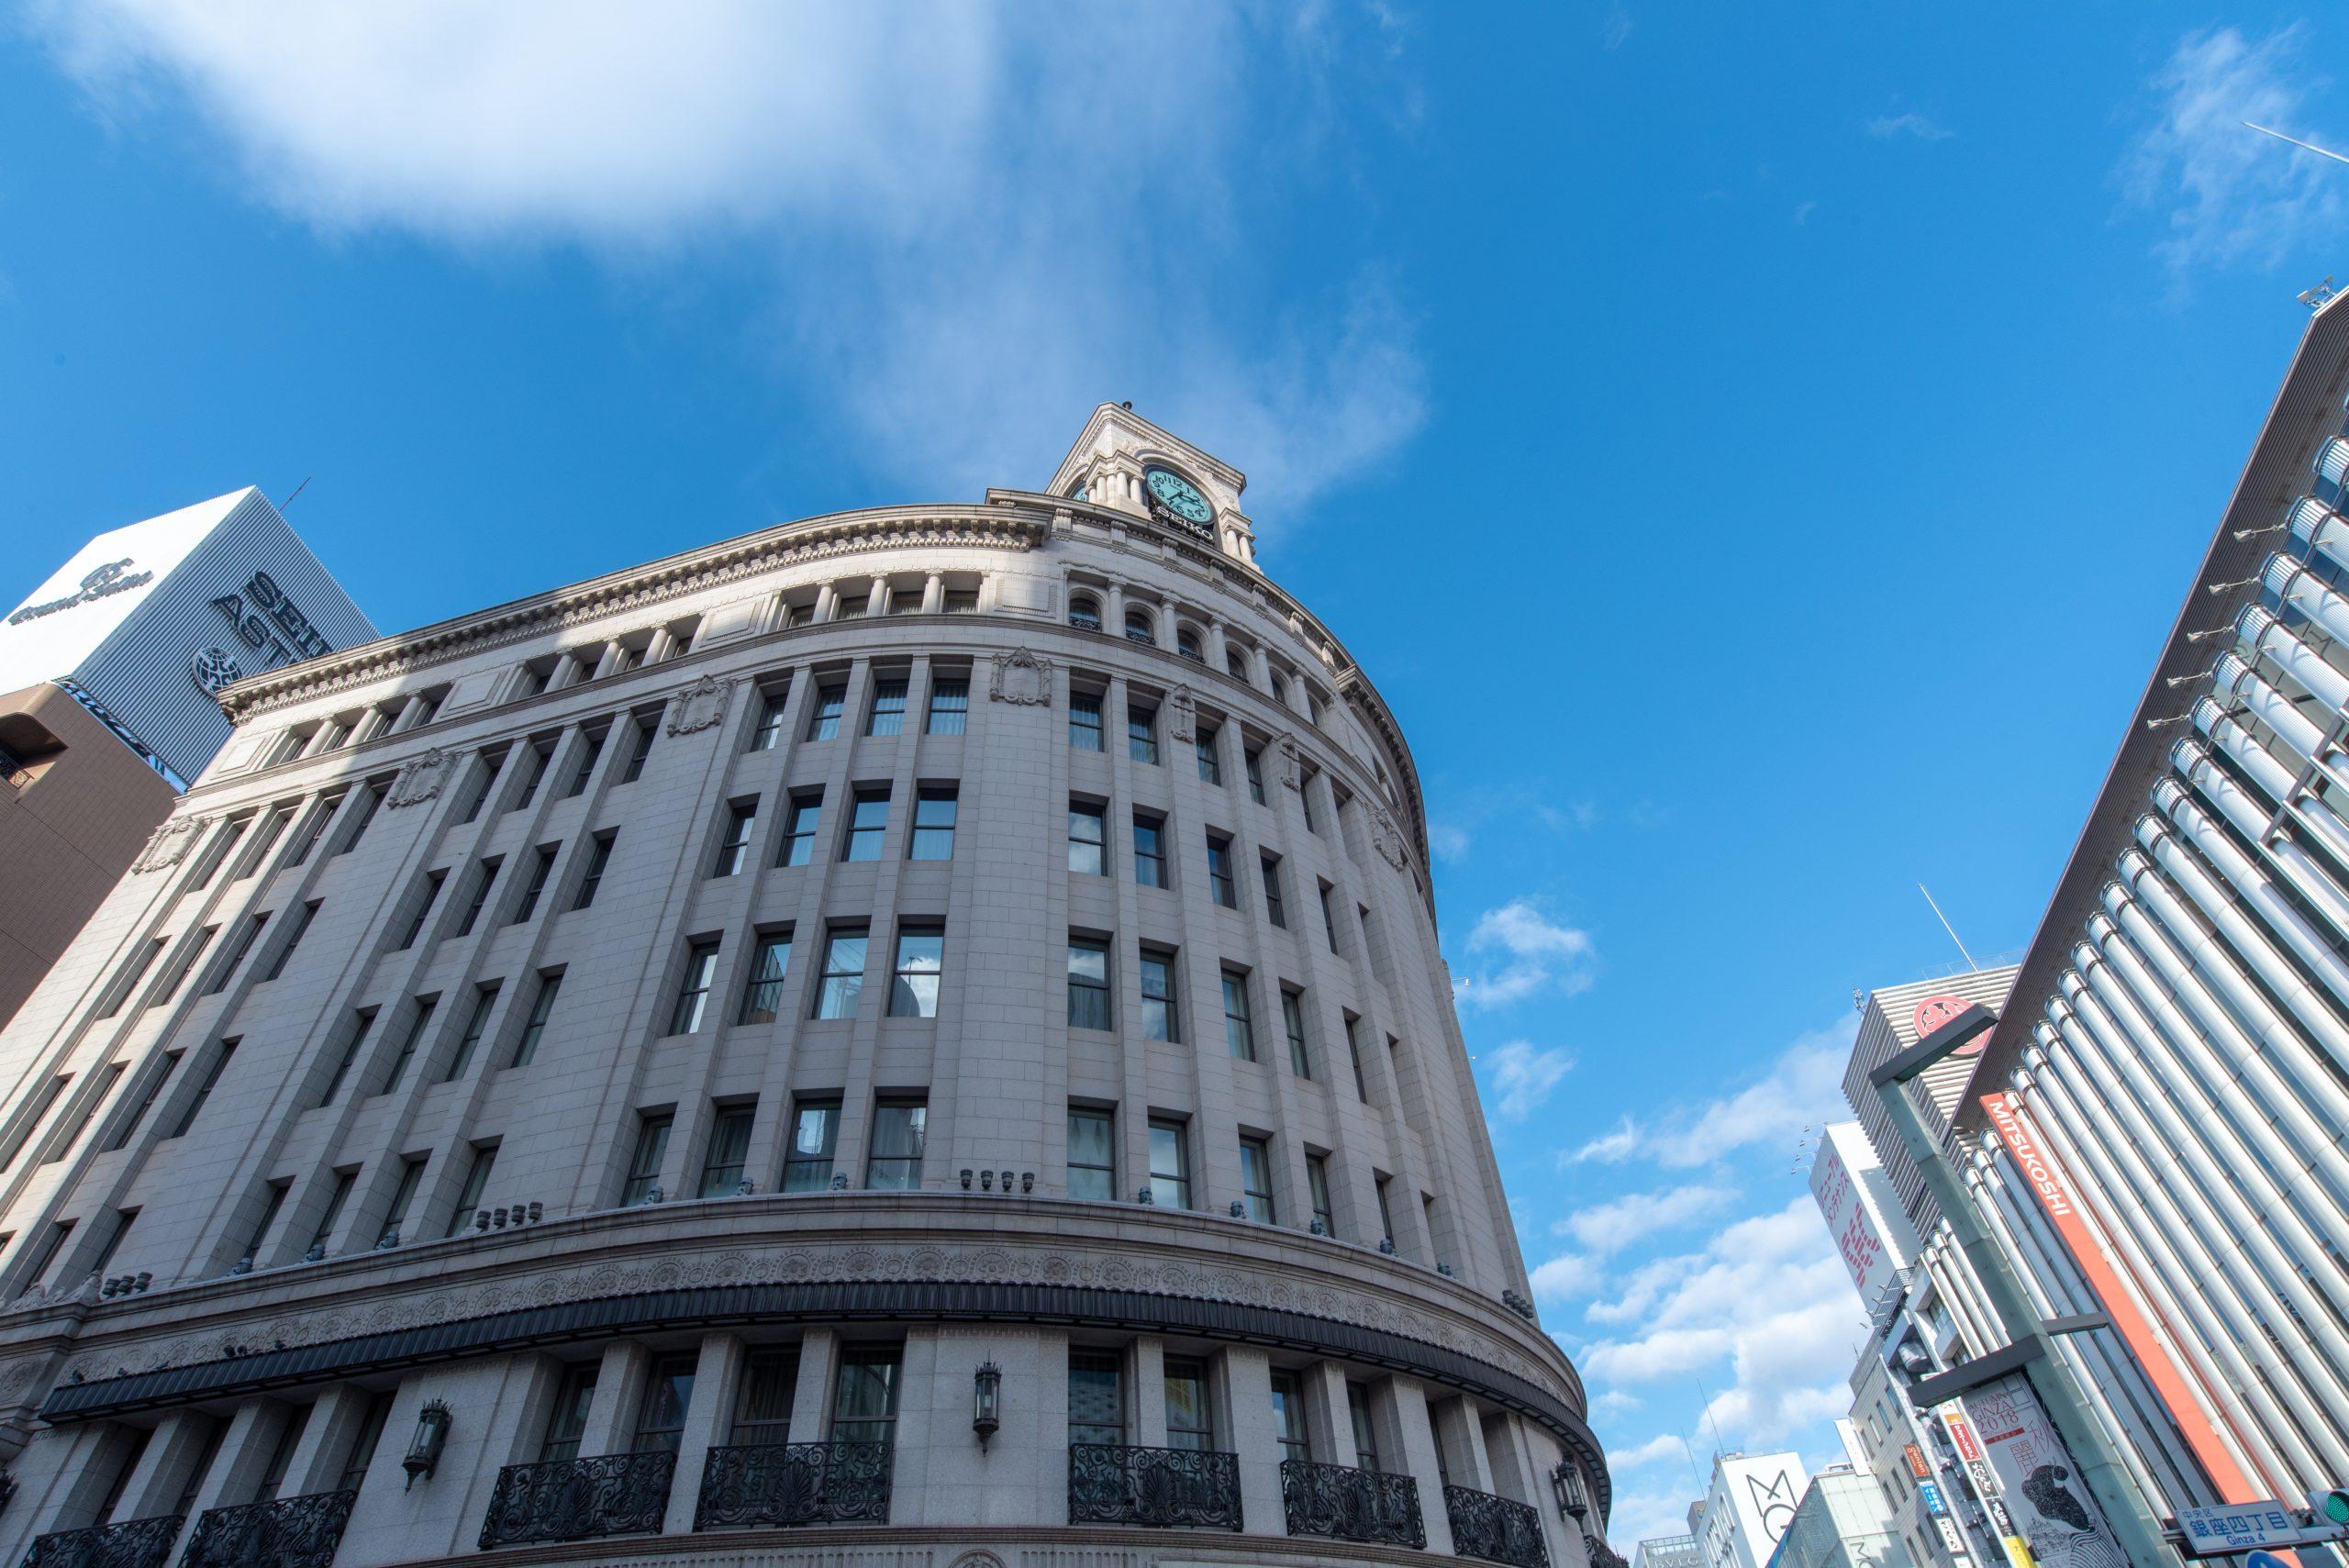 銀座四丁目界隈 東京都中央区